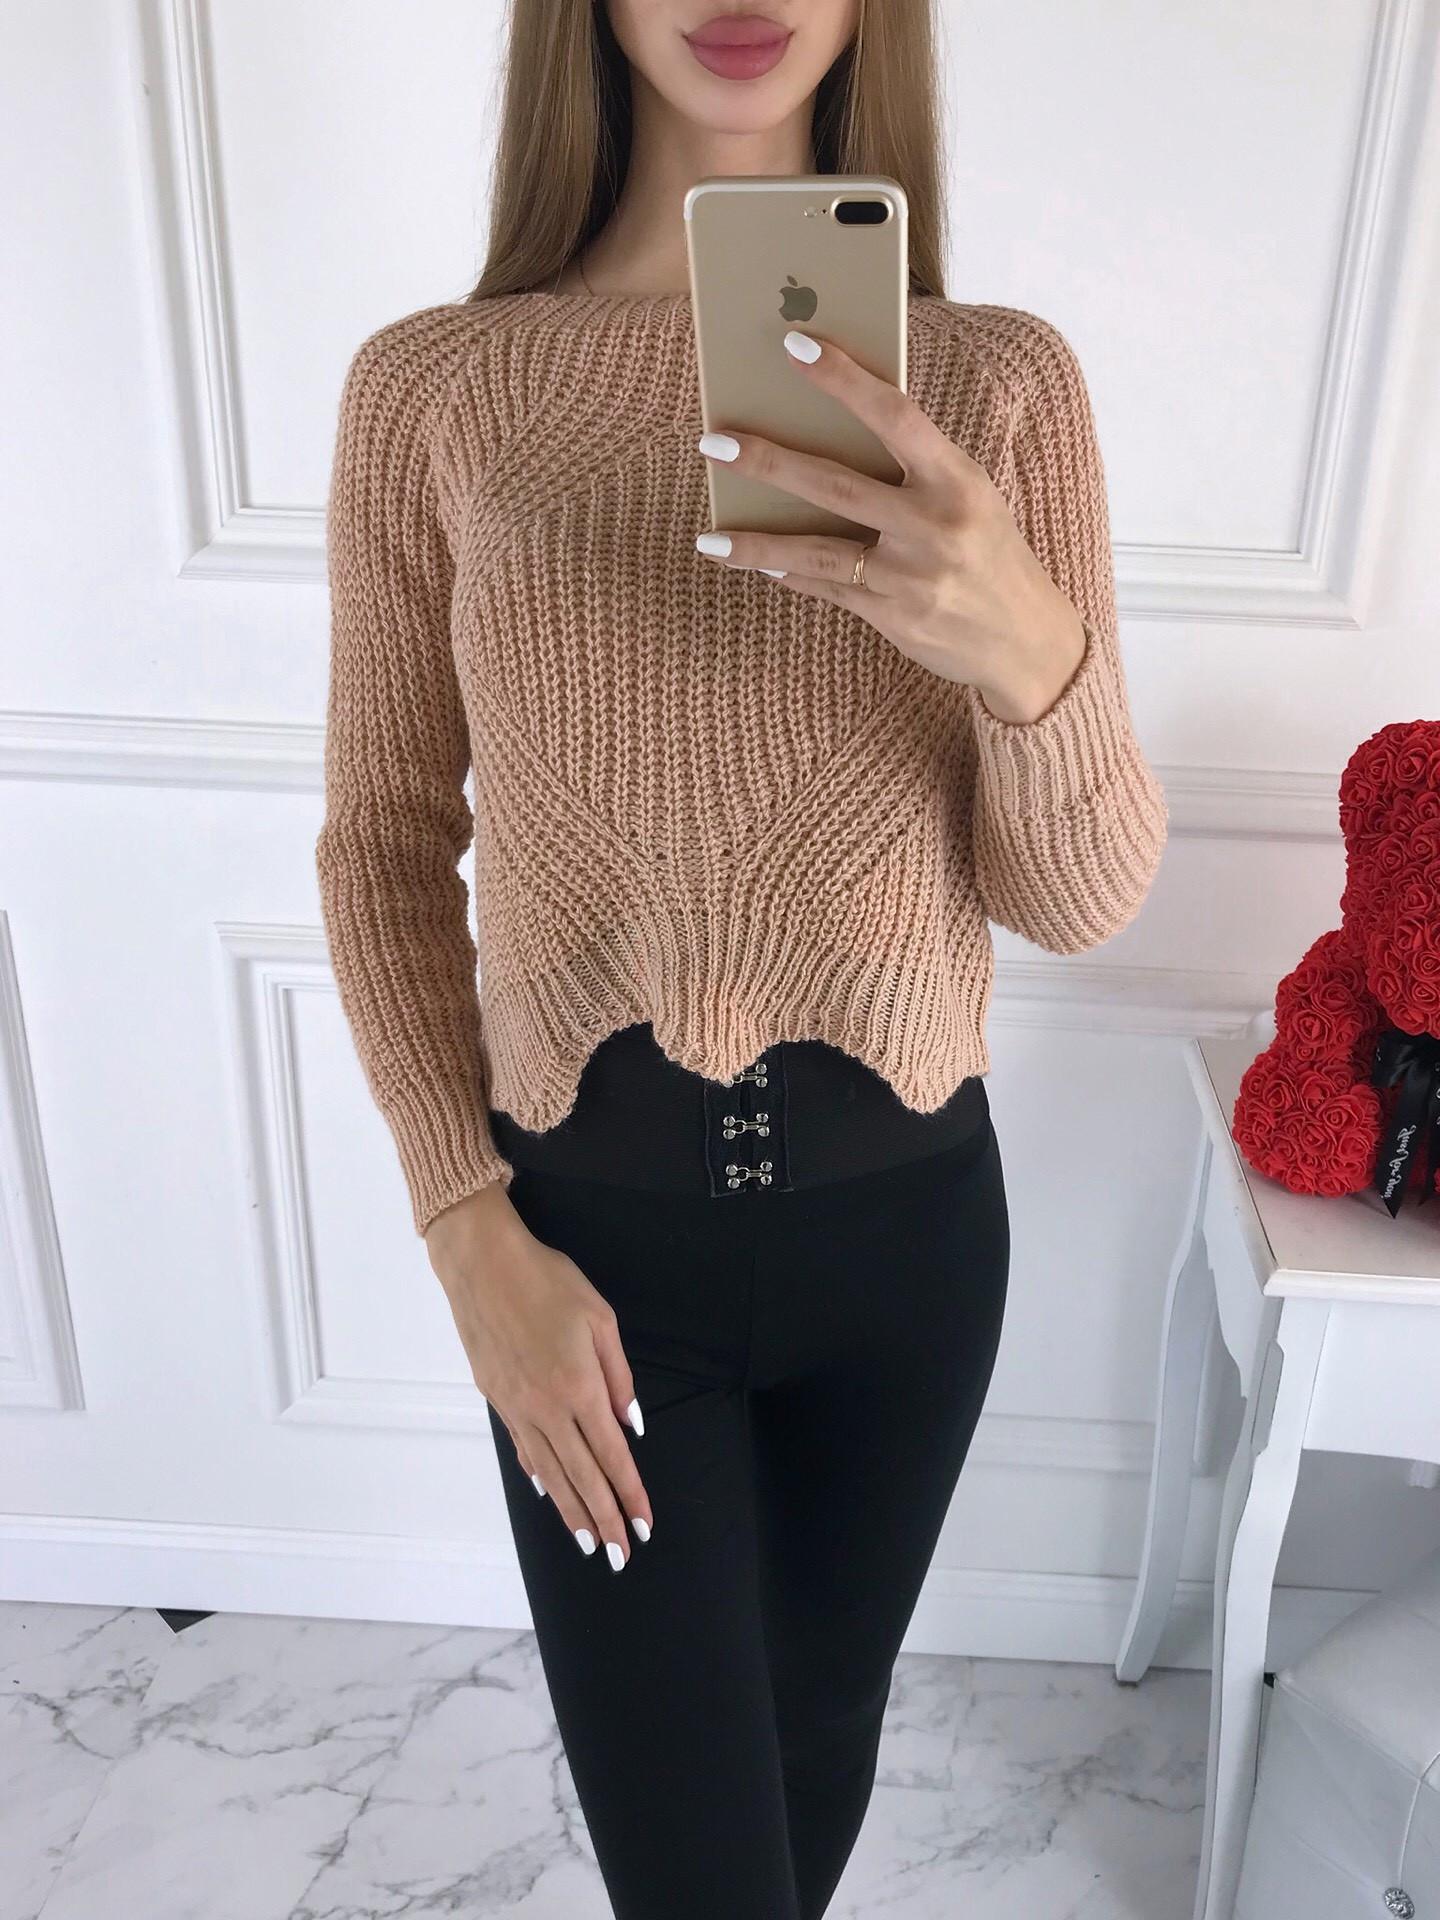 Dámsky krátky ružový sveter-196529-34